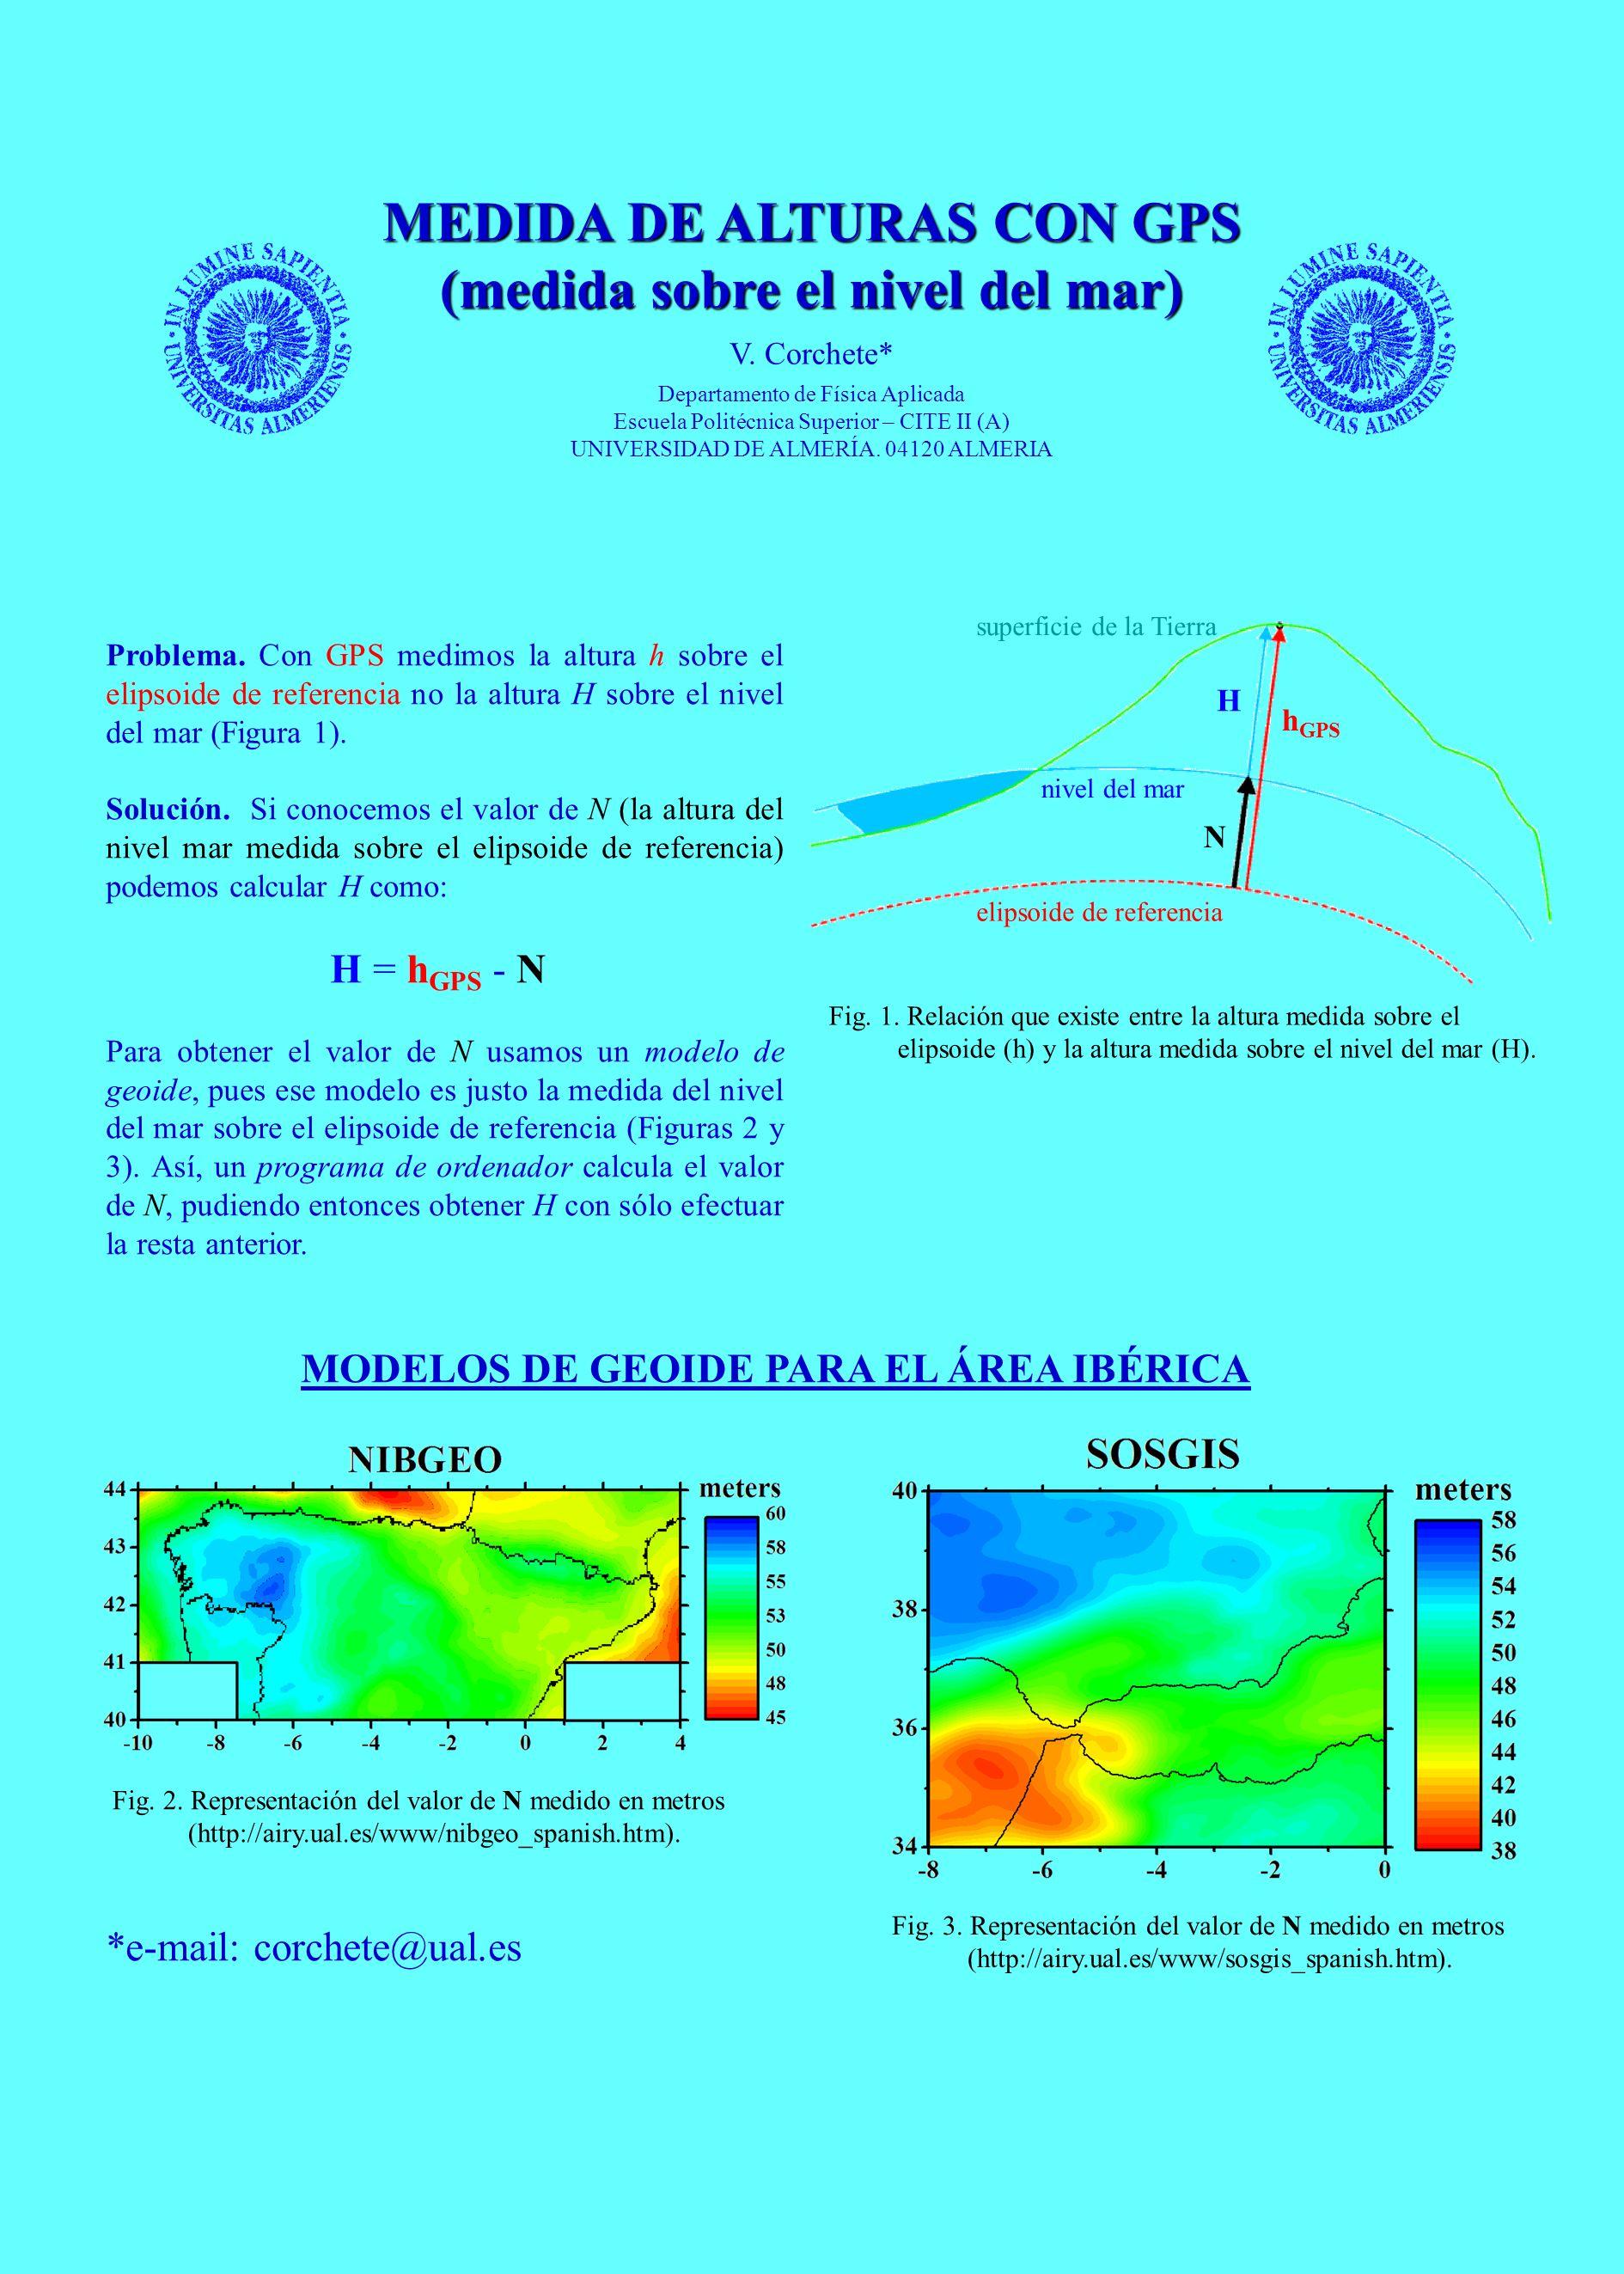 MEDIDA DE ALTURAS CON GPS (medida sobre el nivel del mar)